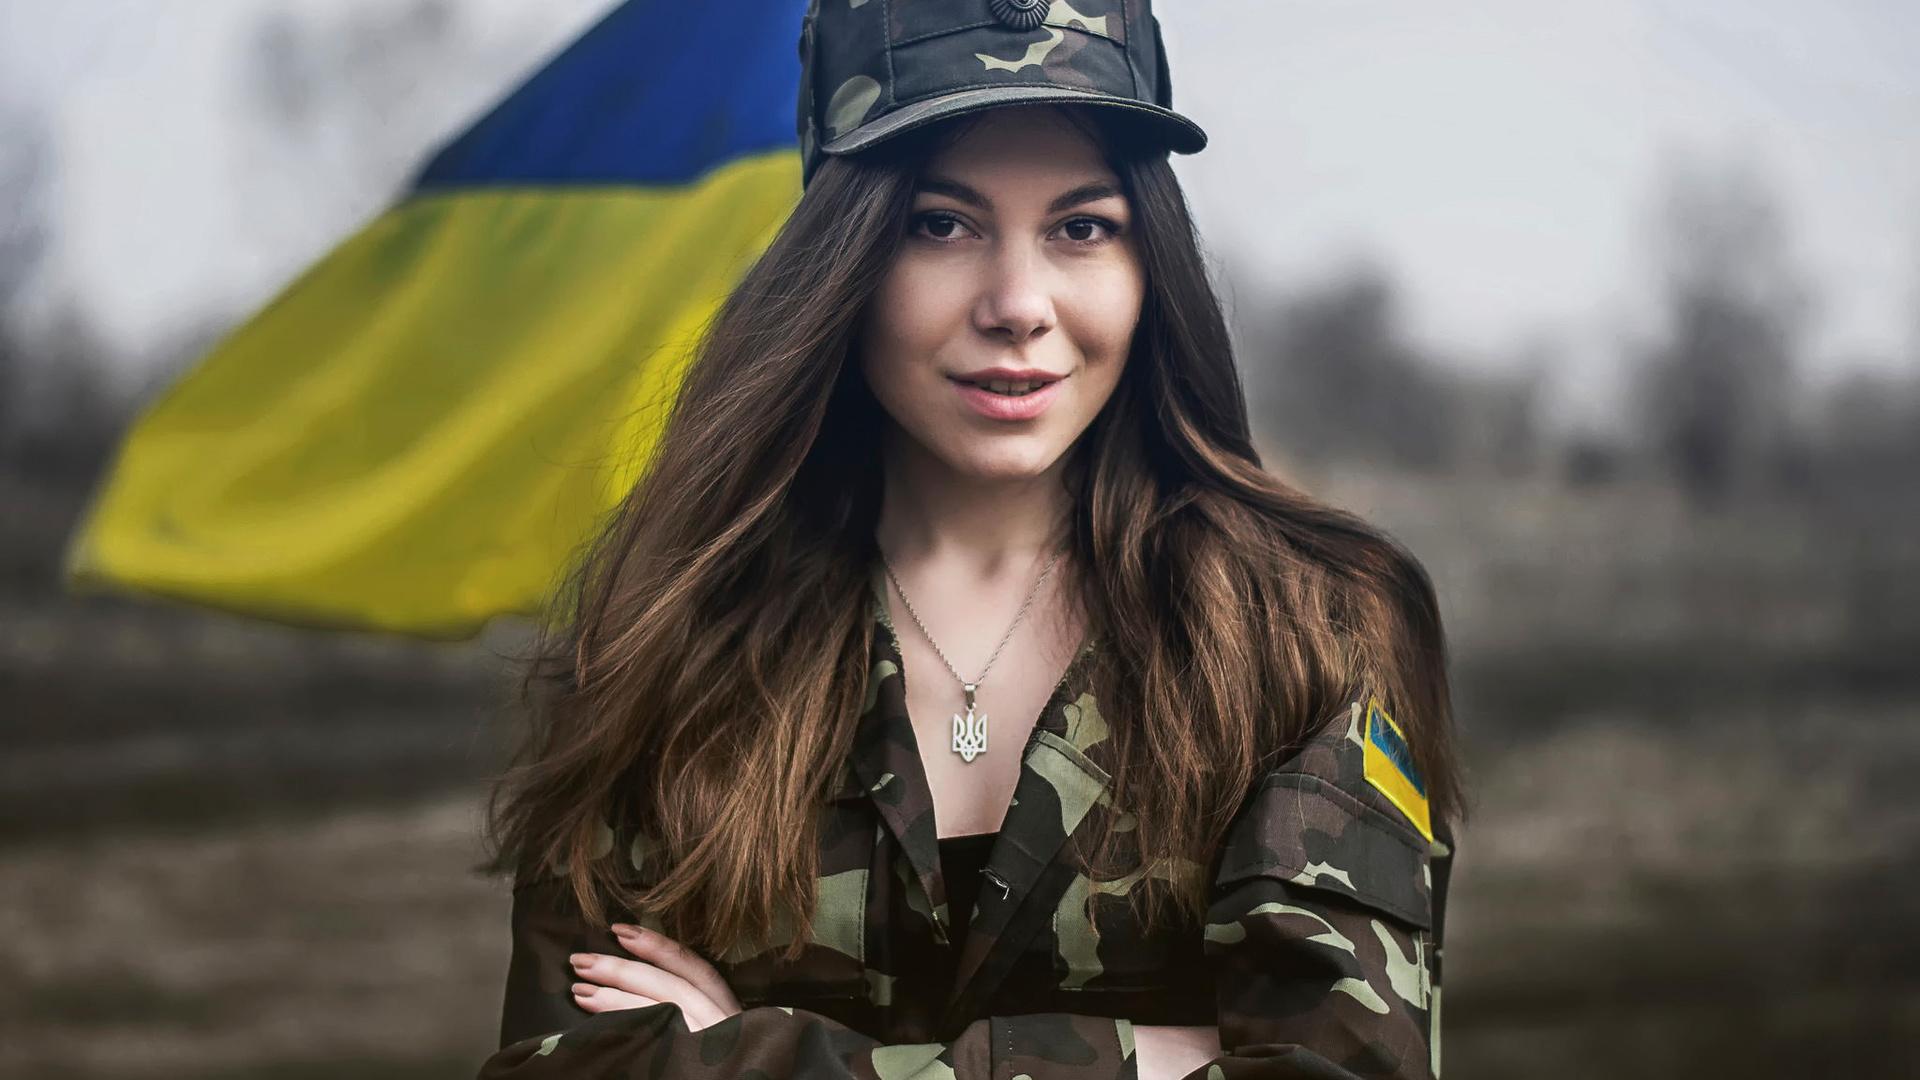 Секс молодой украинки, Порно видео онлайн: УкраинскоеМолодые 23 фотография